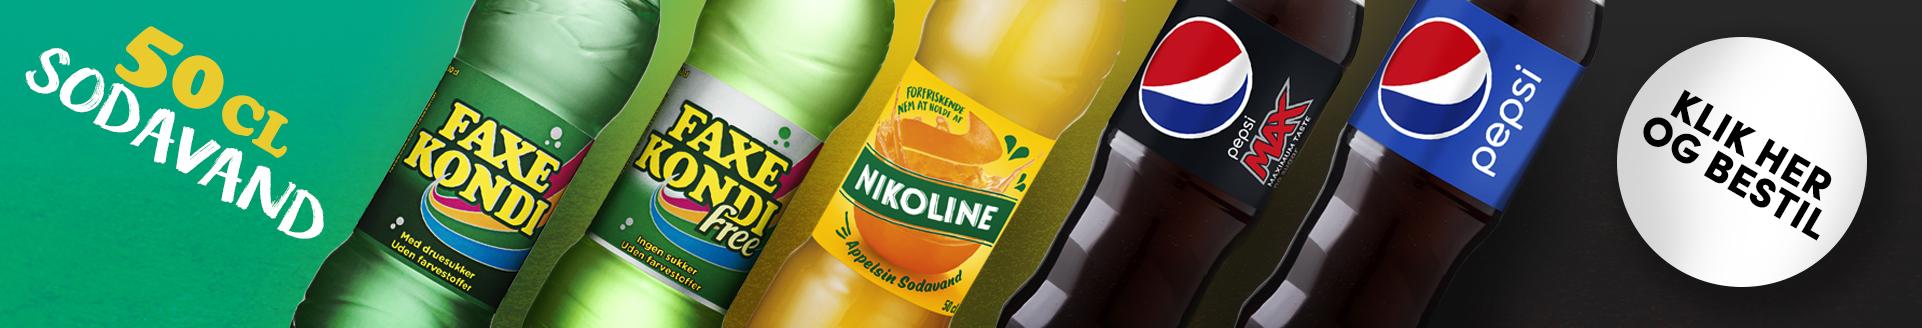 Sodavand_05_cl._sluktorsten